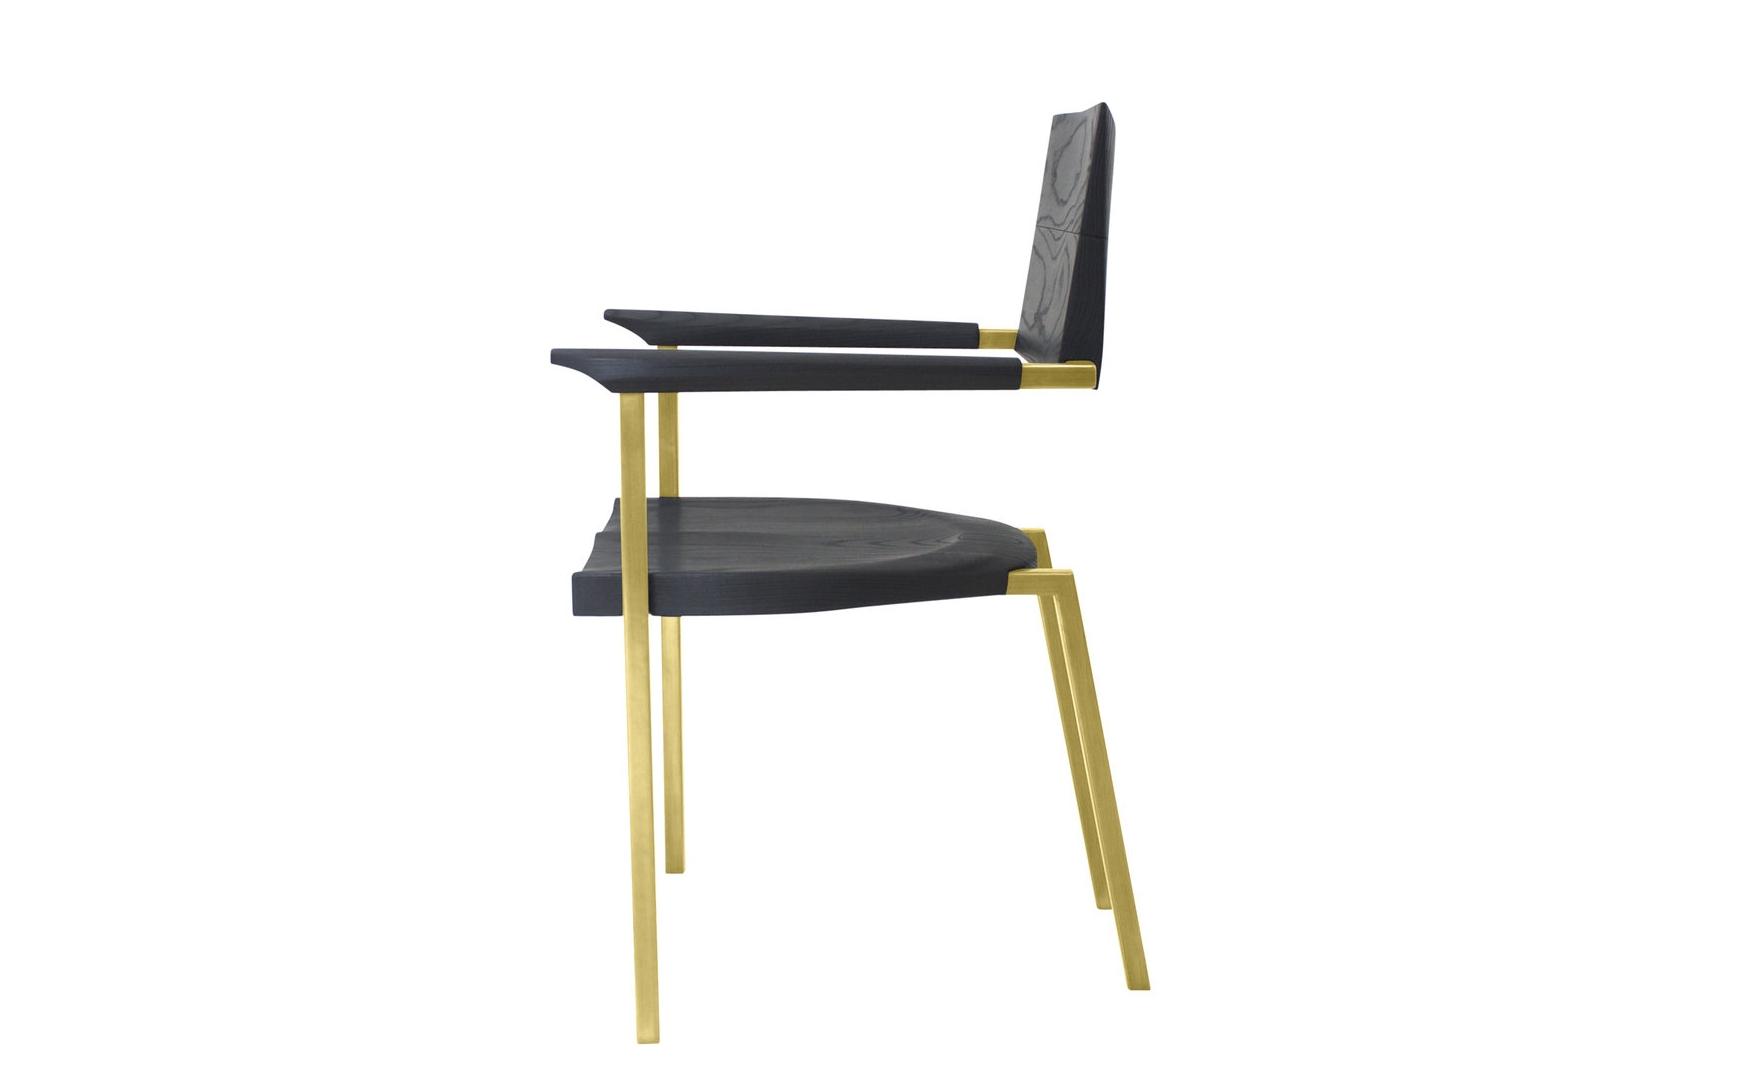 Stefan Rurak_Black Steel Chair_Charred2_9.25.2018.jpg